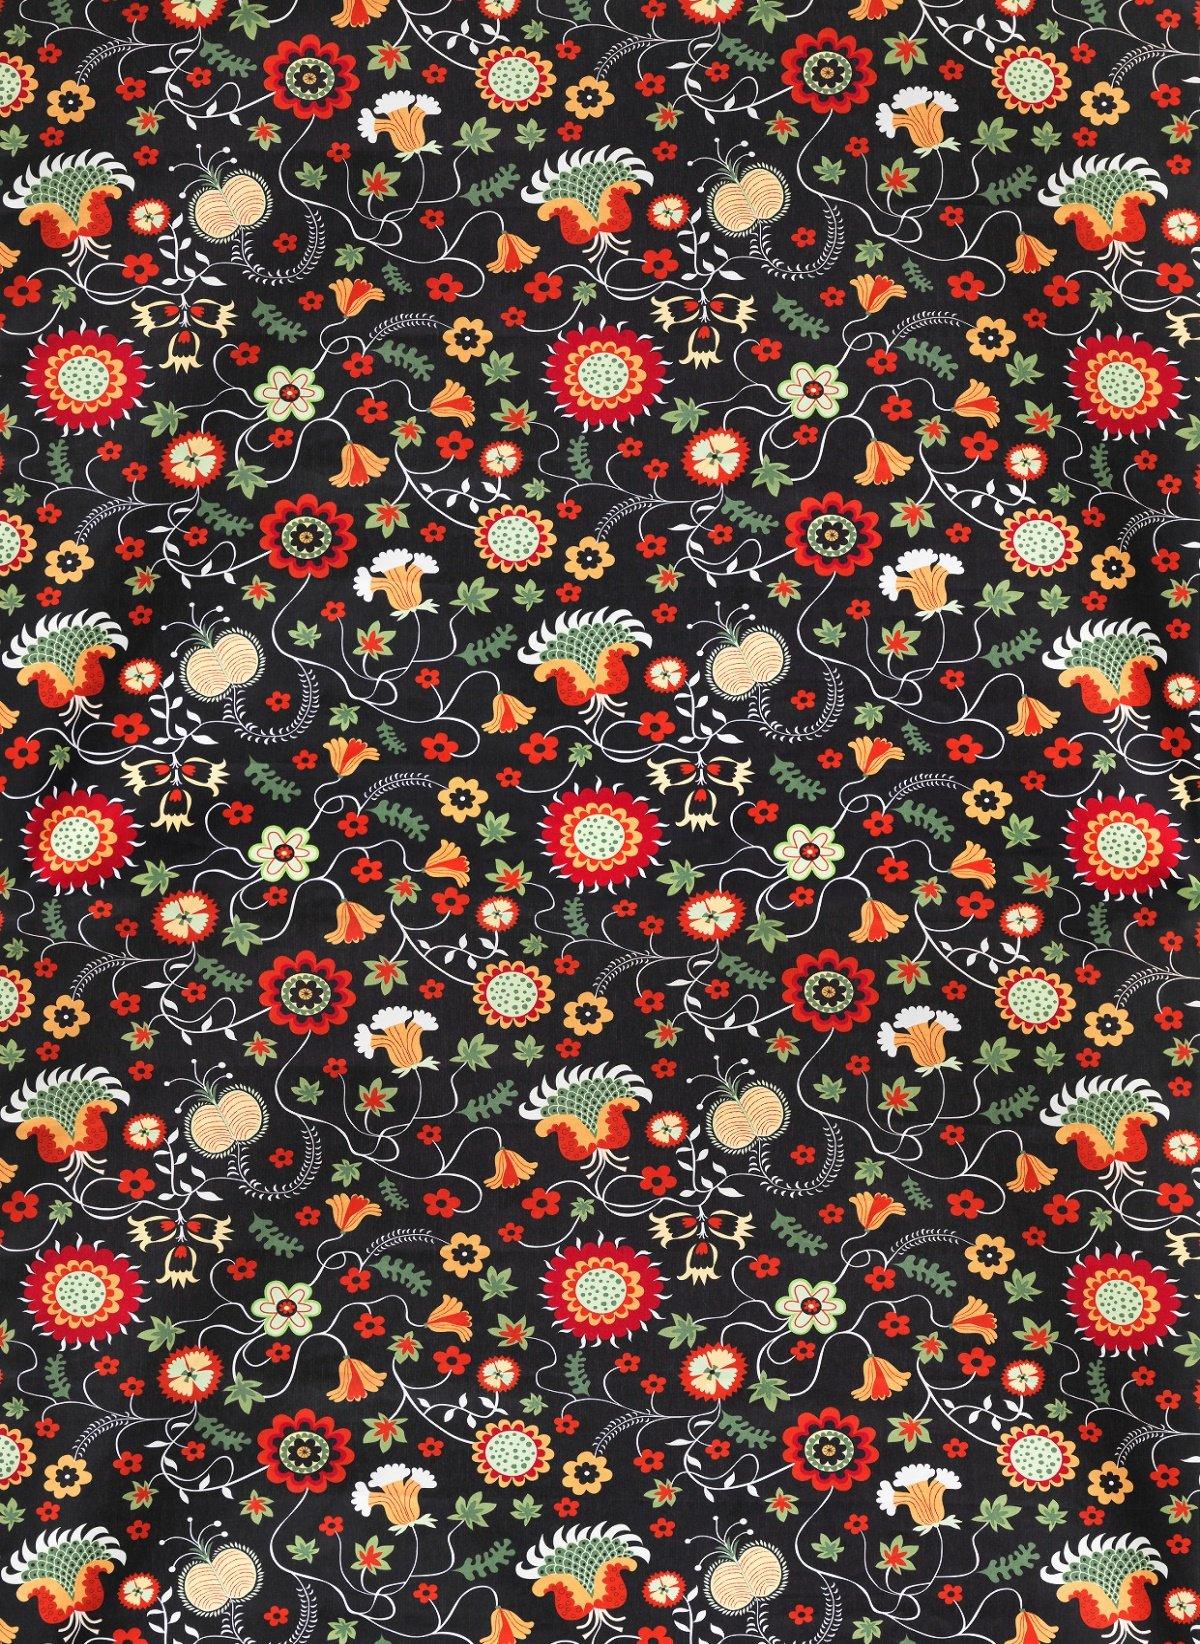 Ikea Rosenrips Tkanina Bawełna Kwiaty Szer 150cm